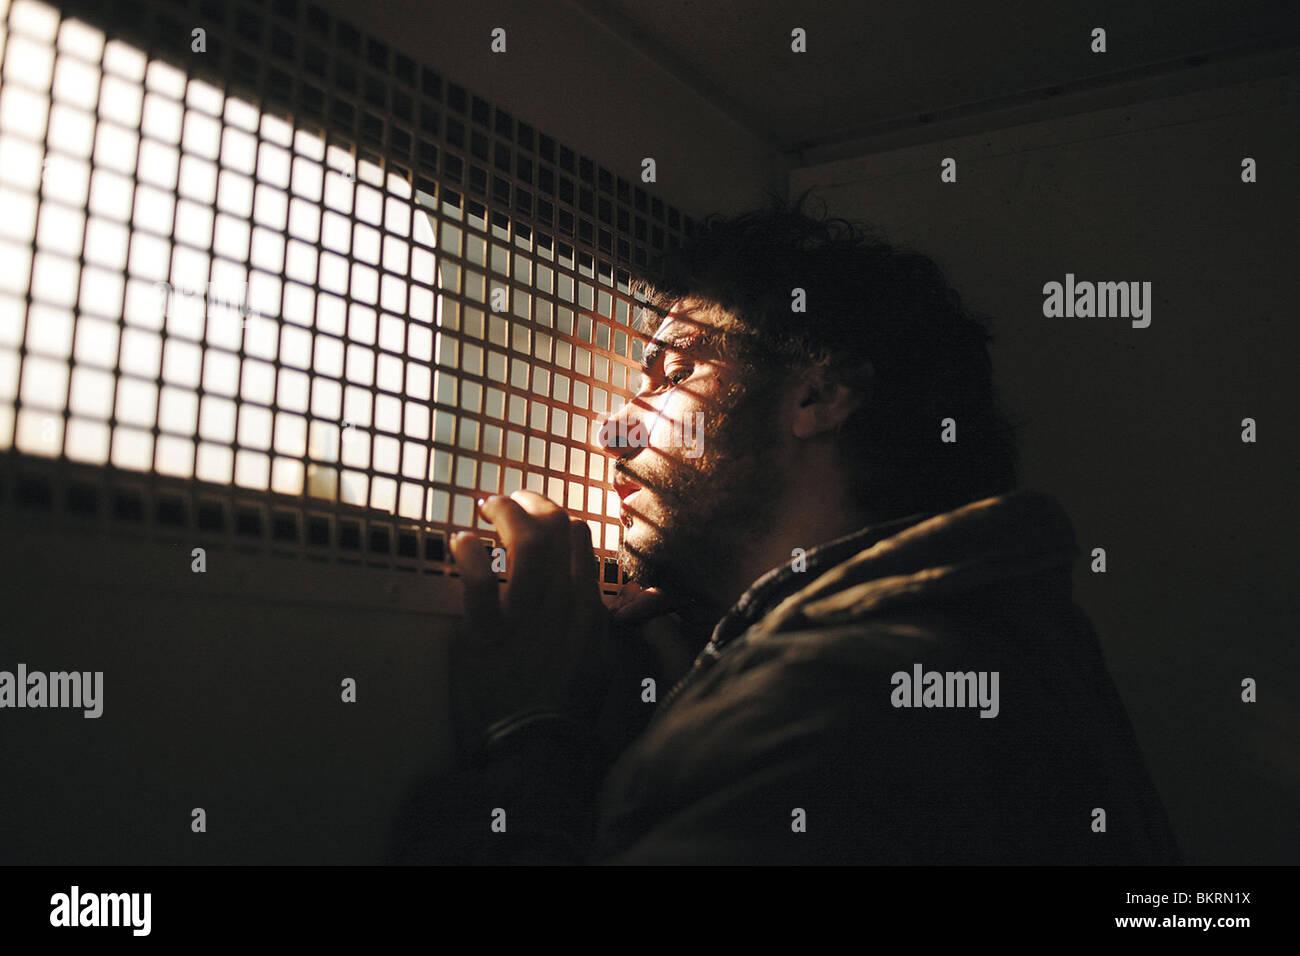 UN PROPHETE (2009) JACQUES AUDIARD (DIR) 005 - Stock Image